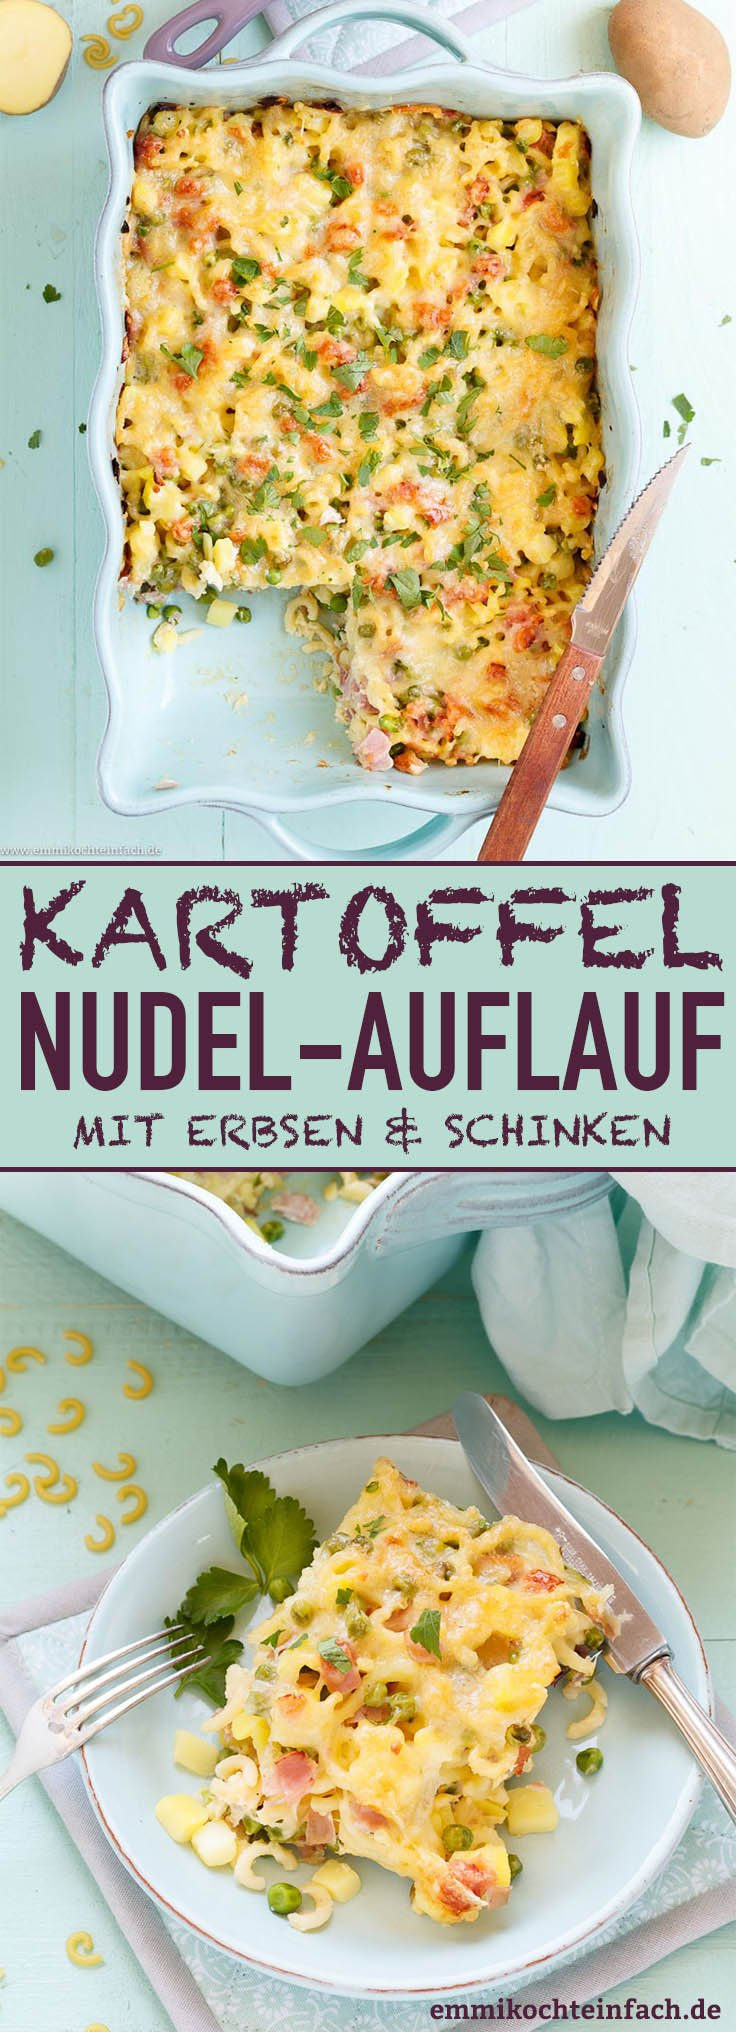 Kartoffel-Nudel-Auflauf mit Erbsen und Schinken - www.emmikochteinfach.de